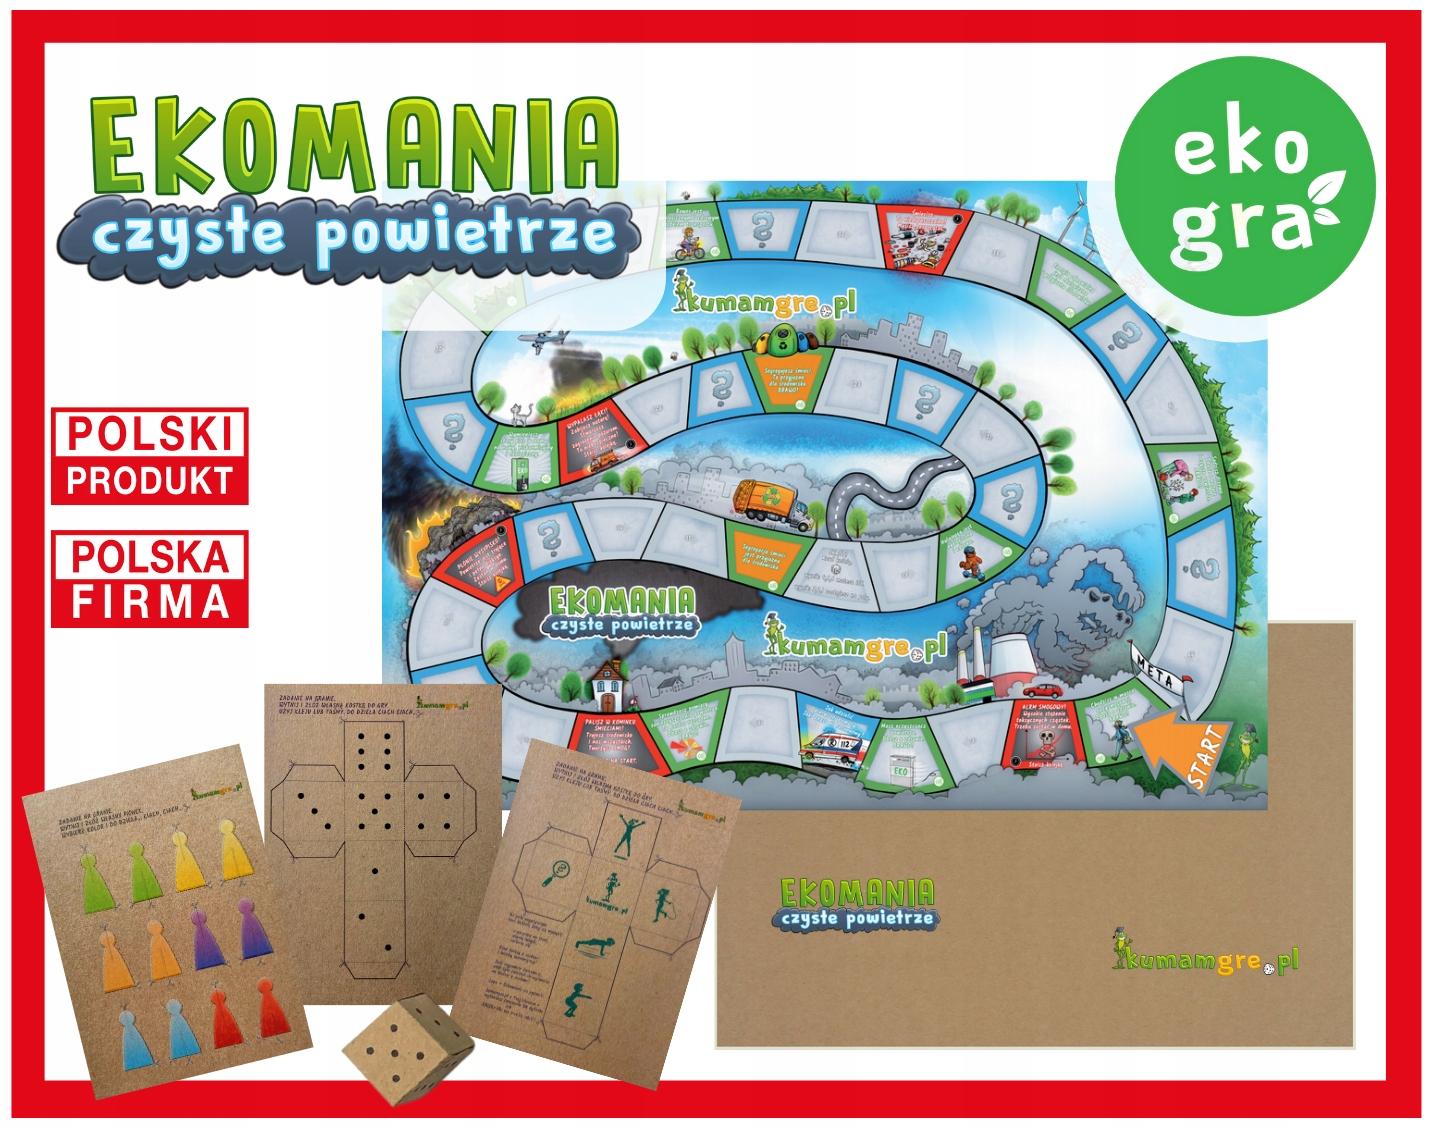 gra kopertowa o smogu - EKOMANIA czyste powietrze